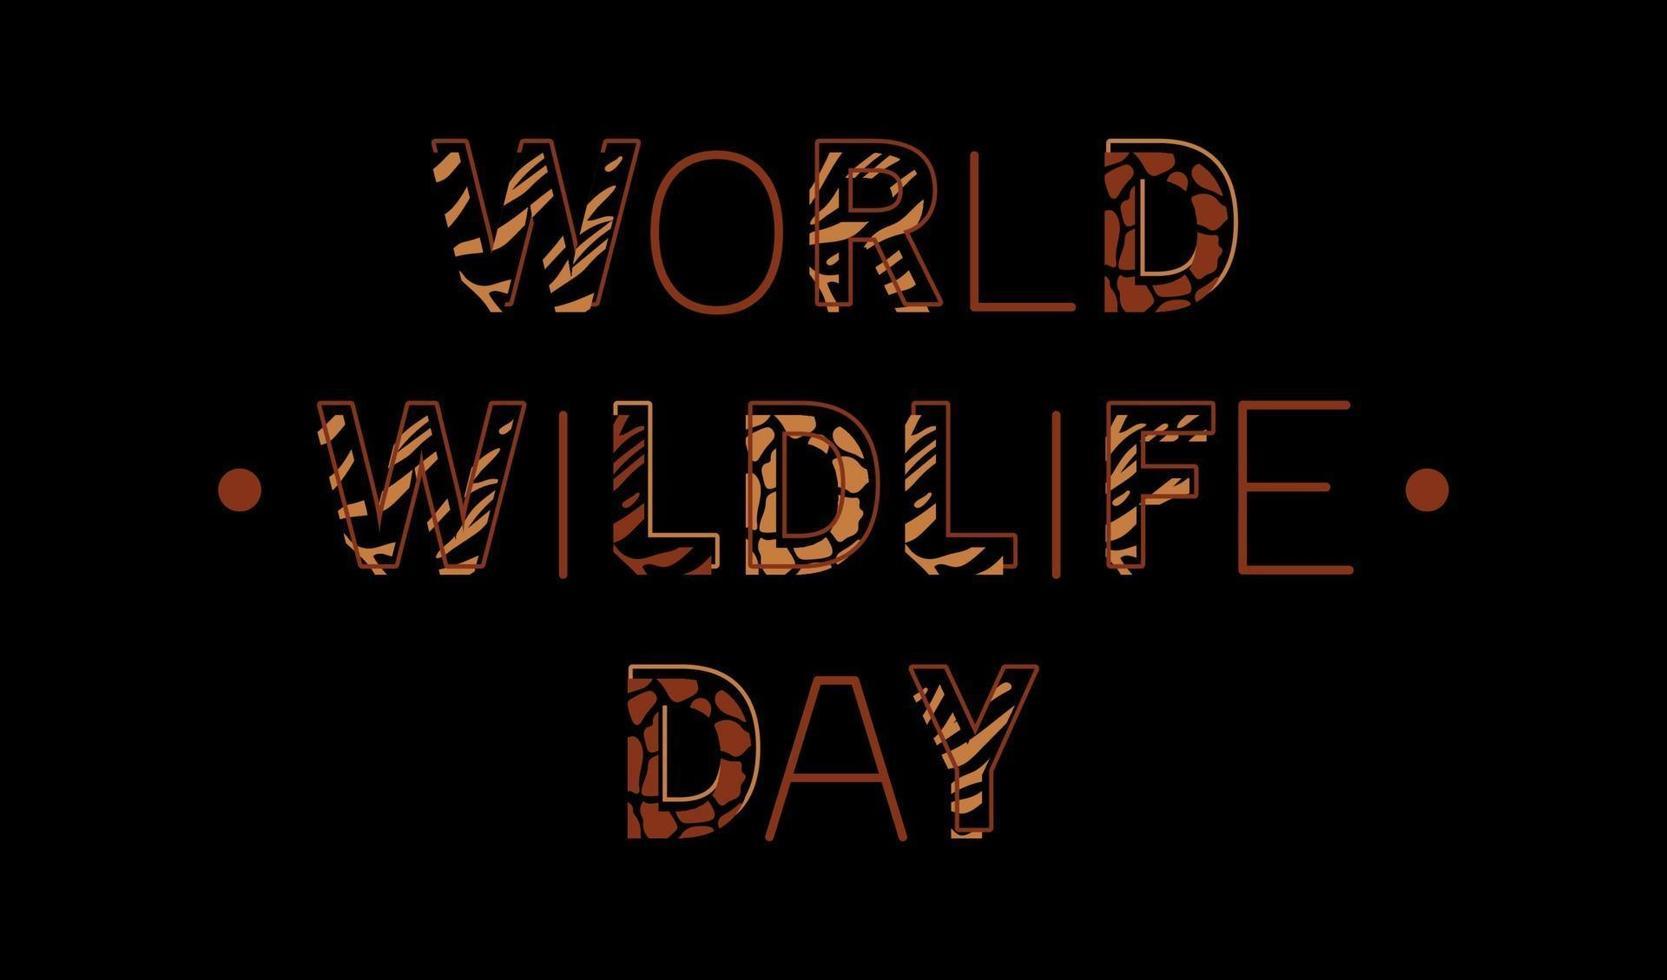 Werelddag voor dieren in het wild. kalligrafie letters met patroon van Afrikaanse wilde dierenhuiden. trendy vectorillustratie voor poster, spandoek, briefkaart en brochure vector